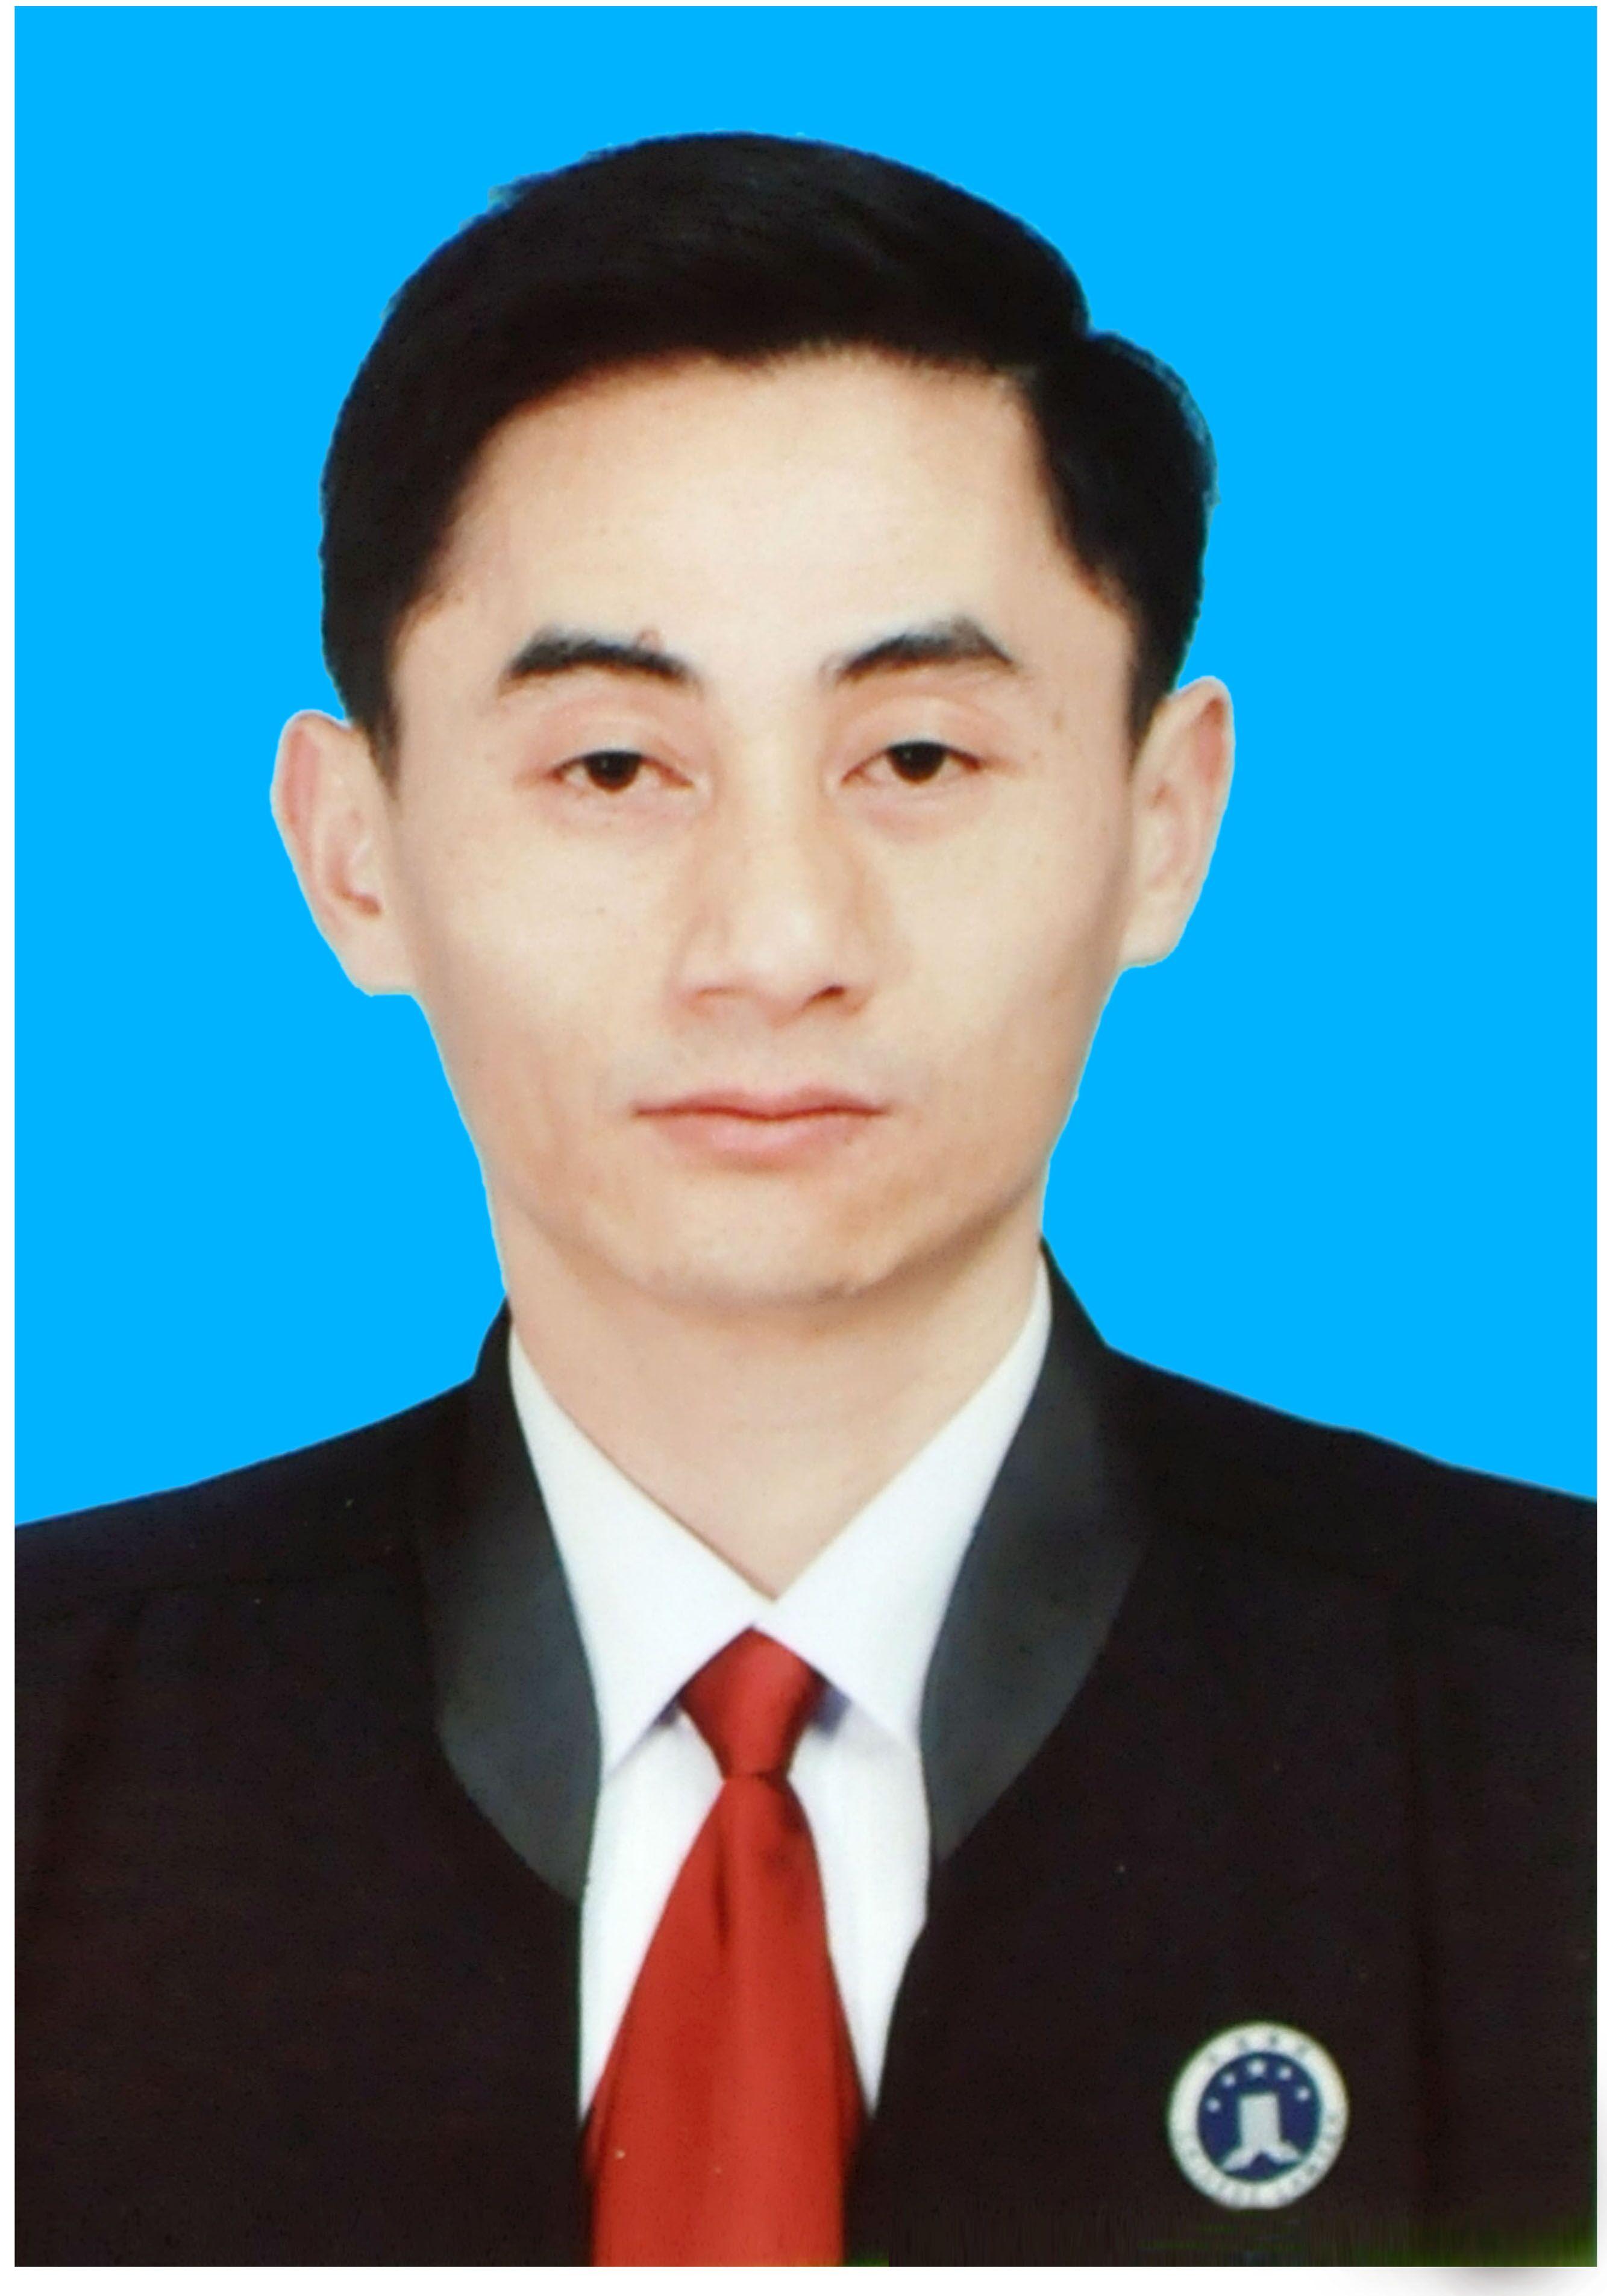 柳州潘勇律师